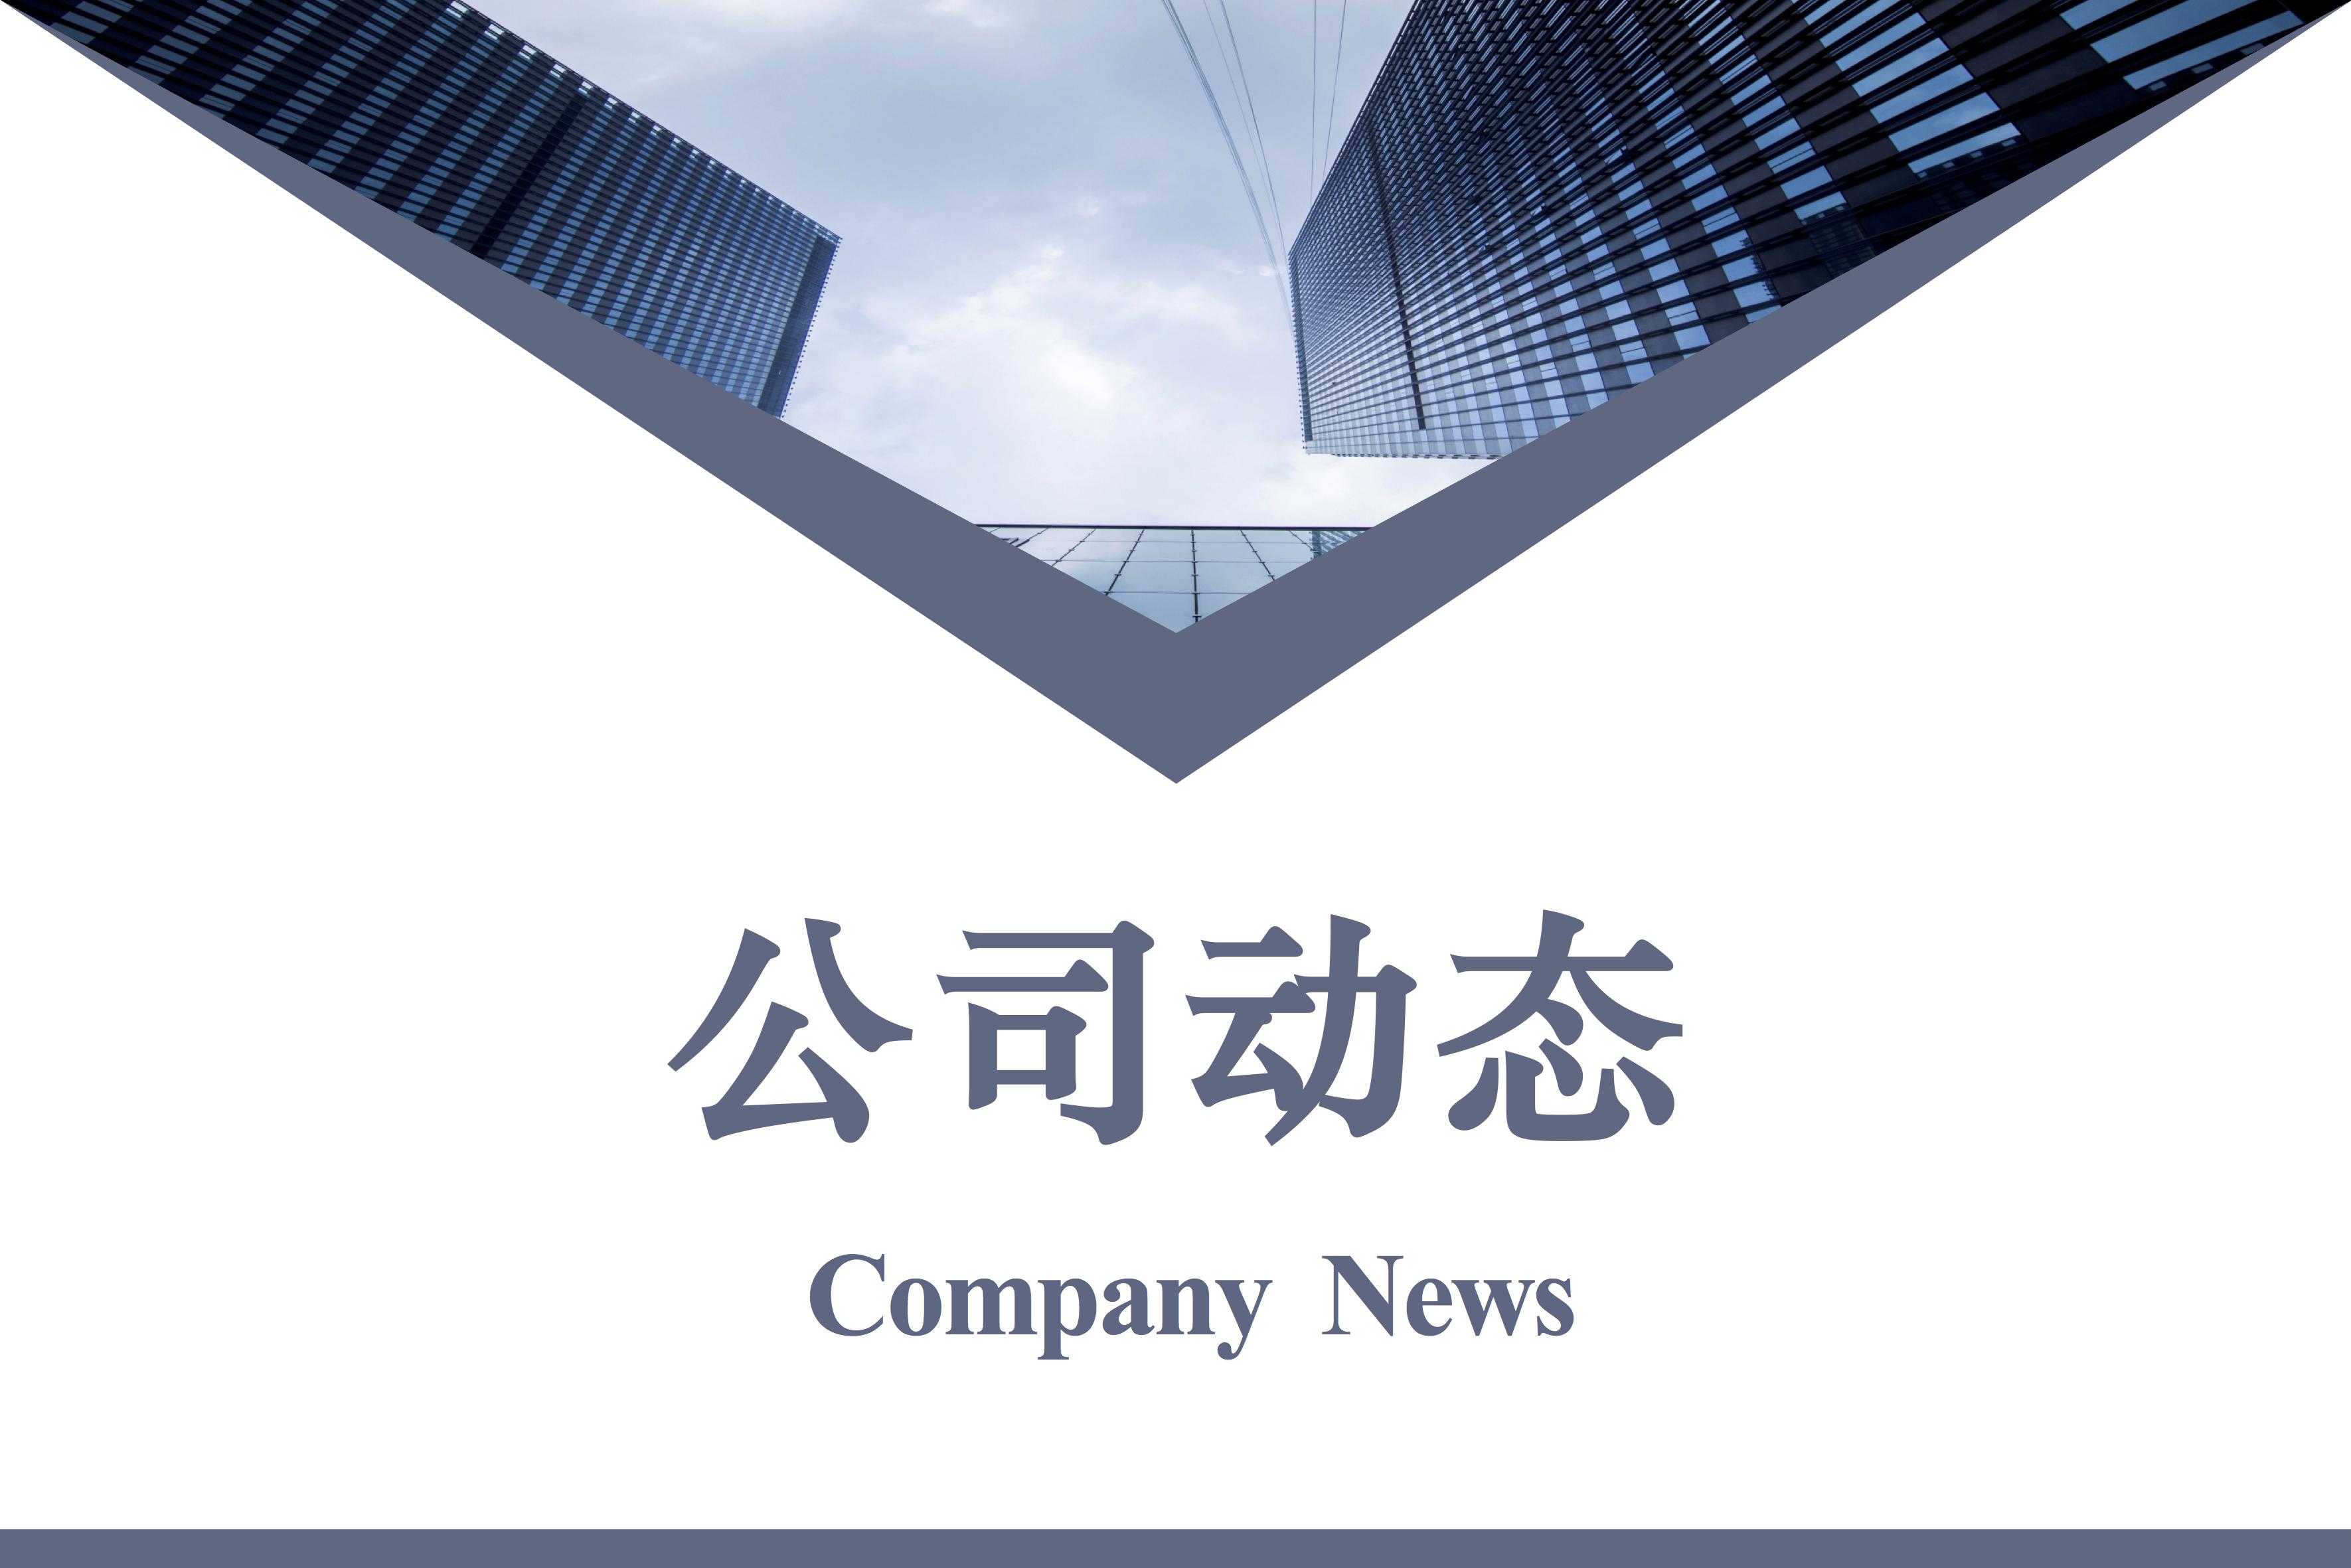 """2020年6月23日,赛智时代成功中标《贵阳市新基建""""十四五""""发展规划》项目"""